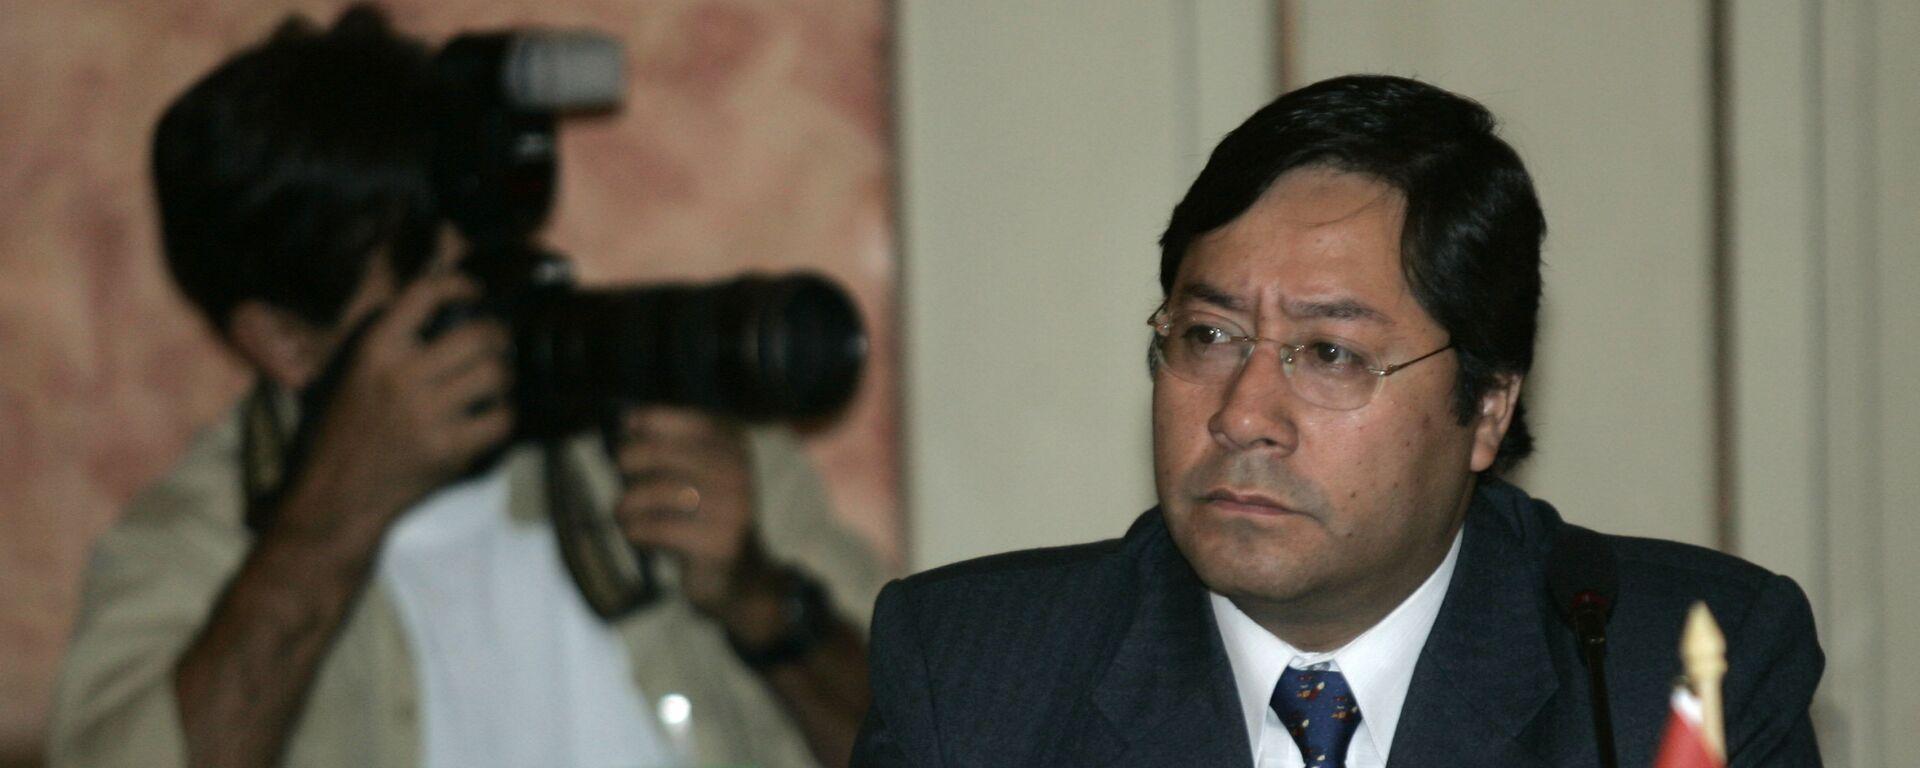 Luis Arce Catacora, exministro de Economía de Bolivia - Sputnik Mundo, 1920, 04.08.2021